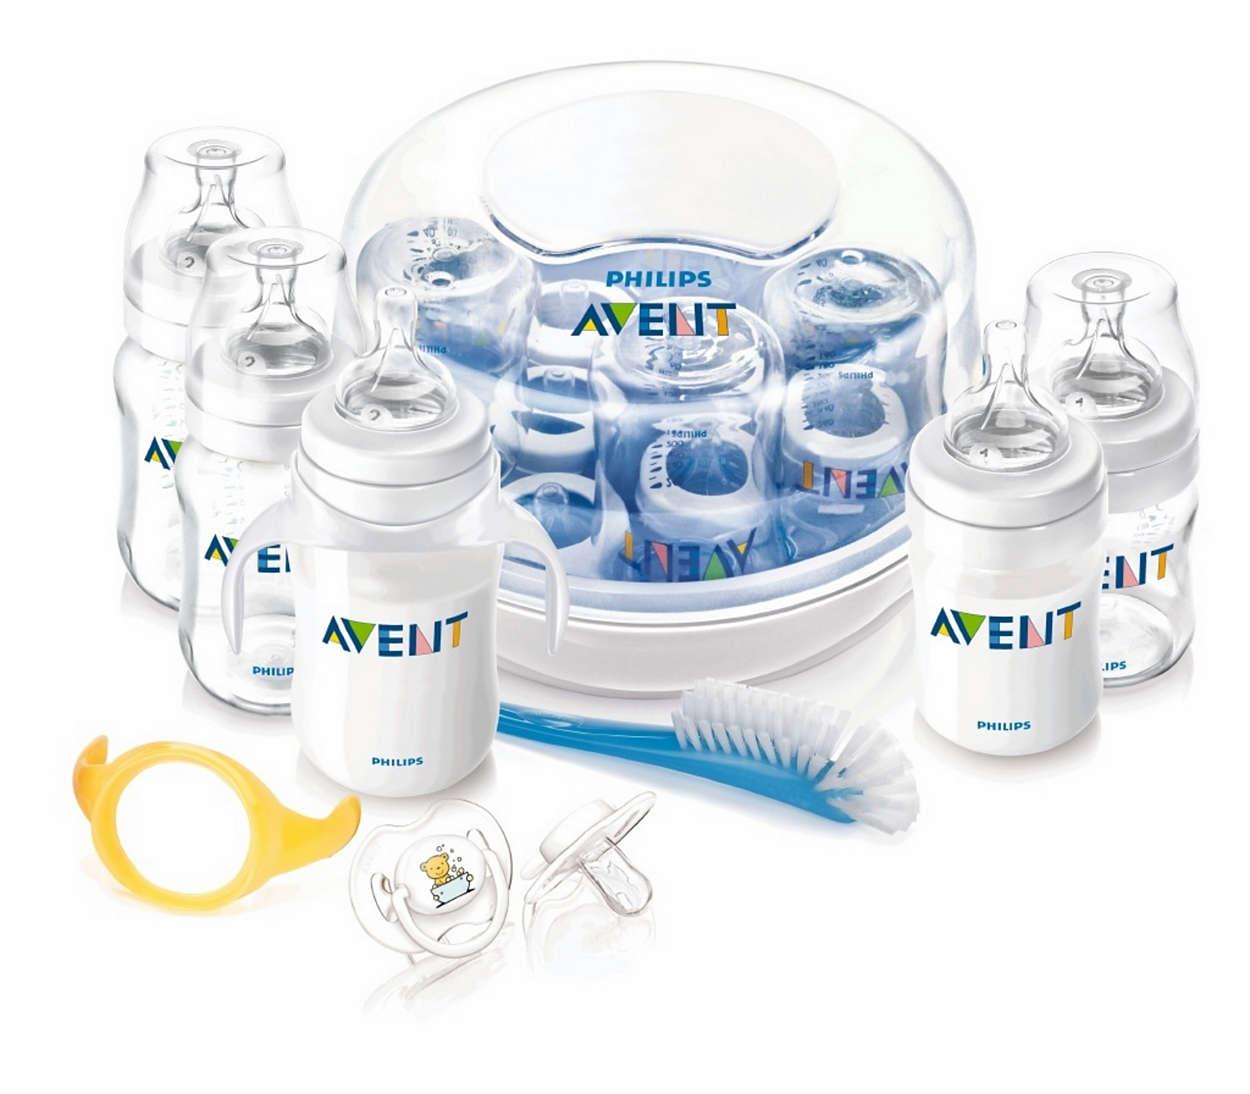 Accesorios para la alimentación y esterilización